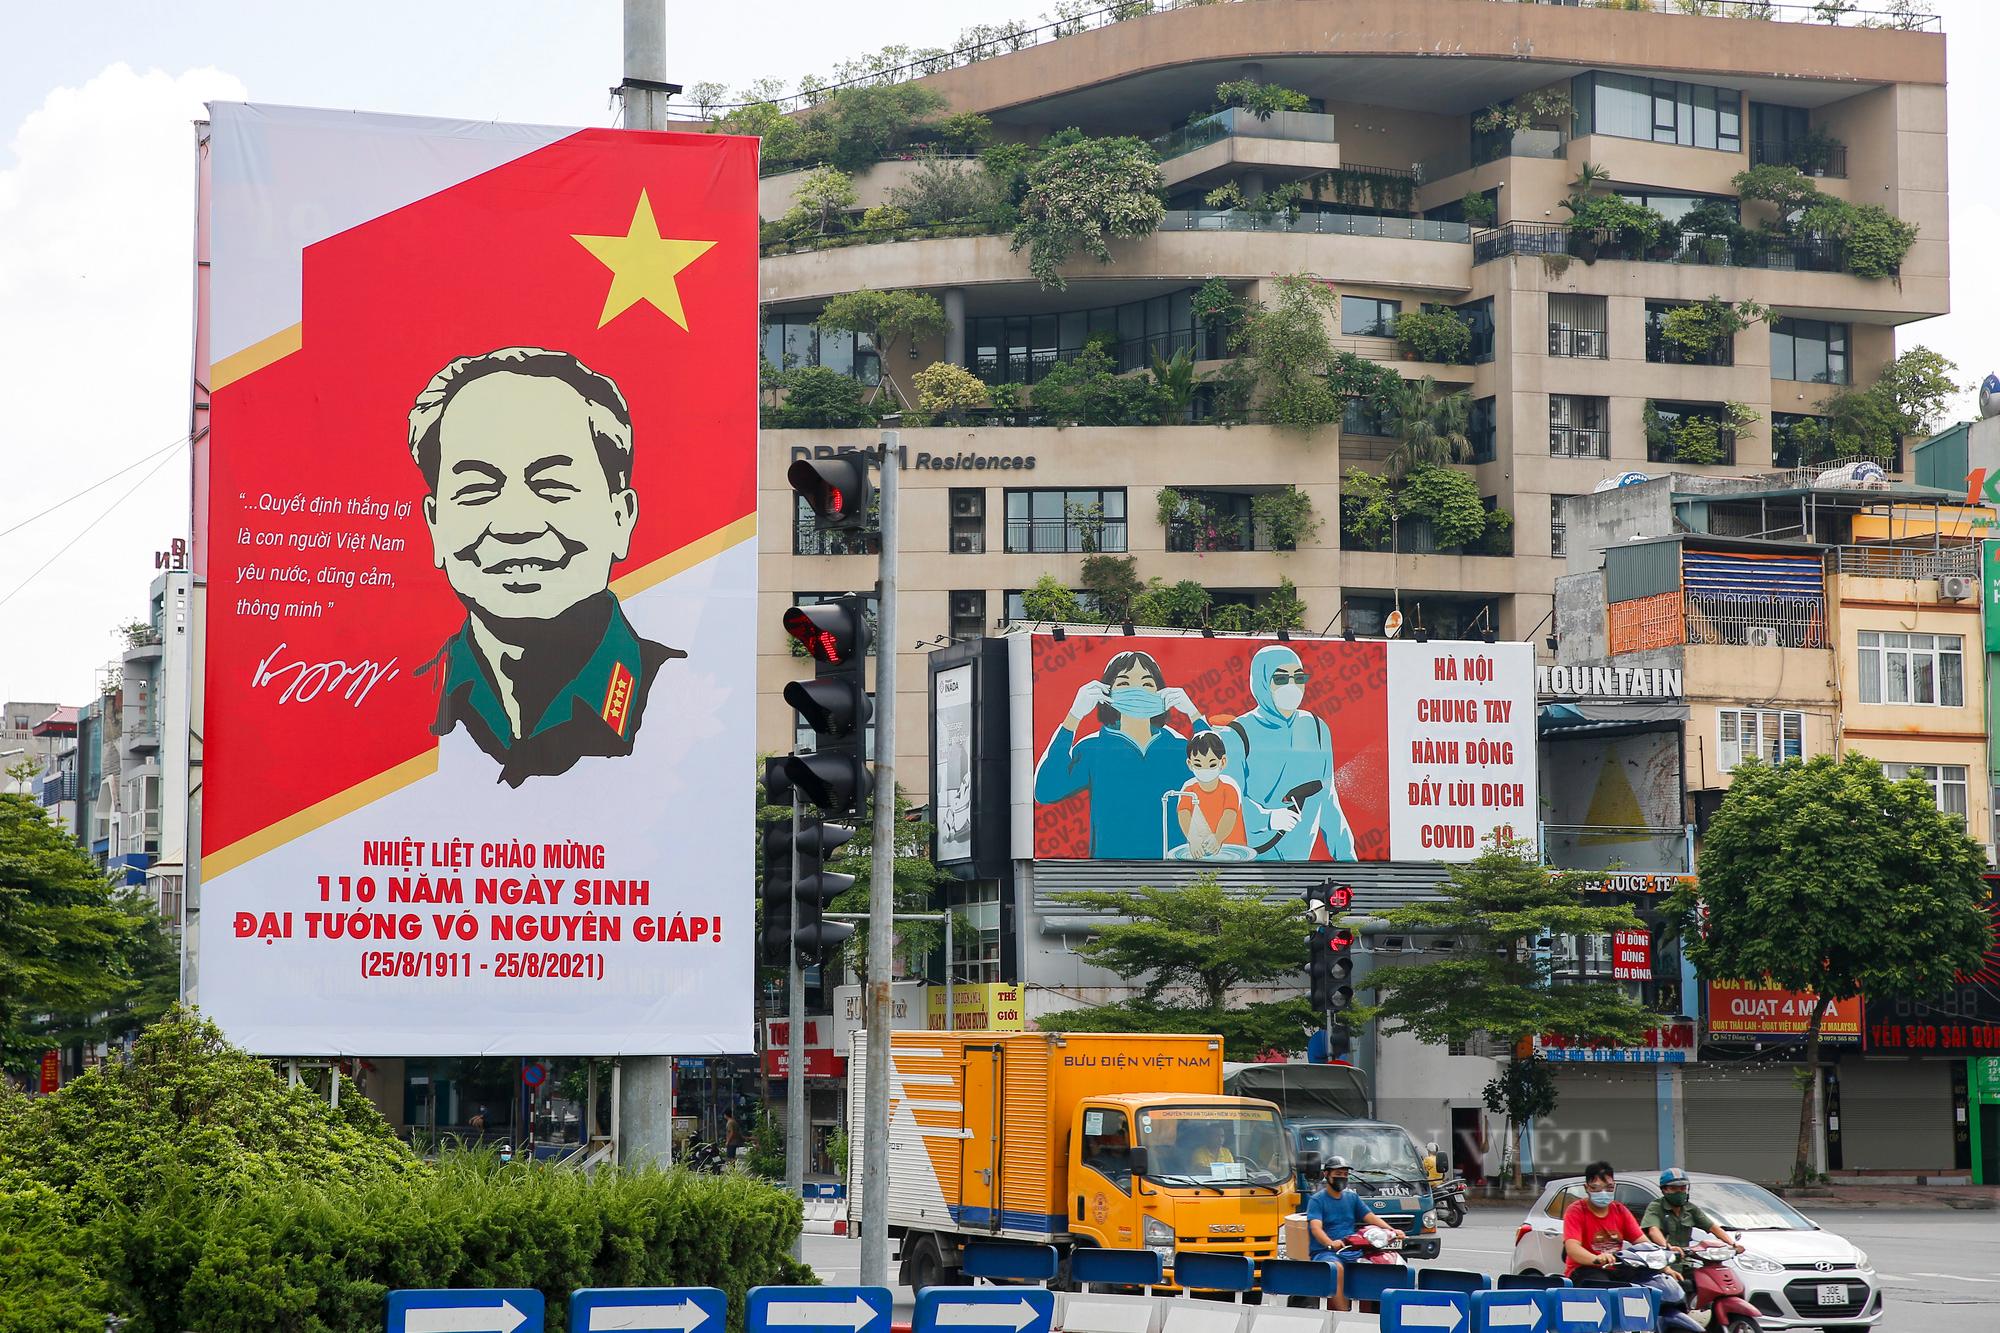 Đường phố Hà Nội rực rỡ sắc đỏ chào mừng Quốc khánh 2/9 - Ảnh 11.